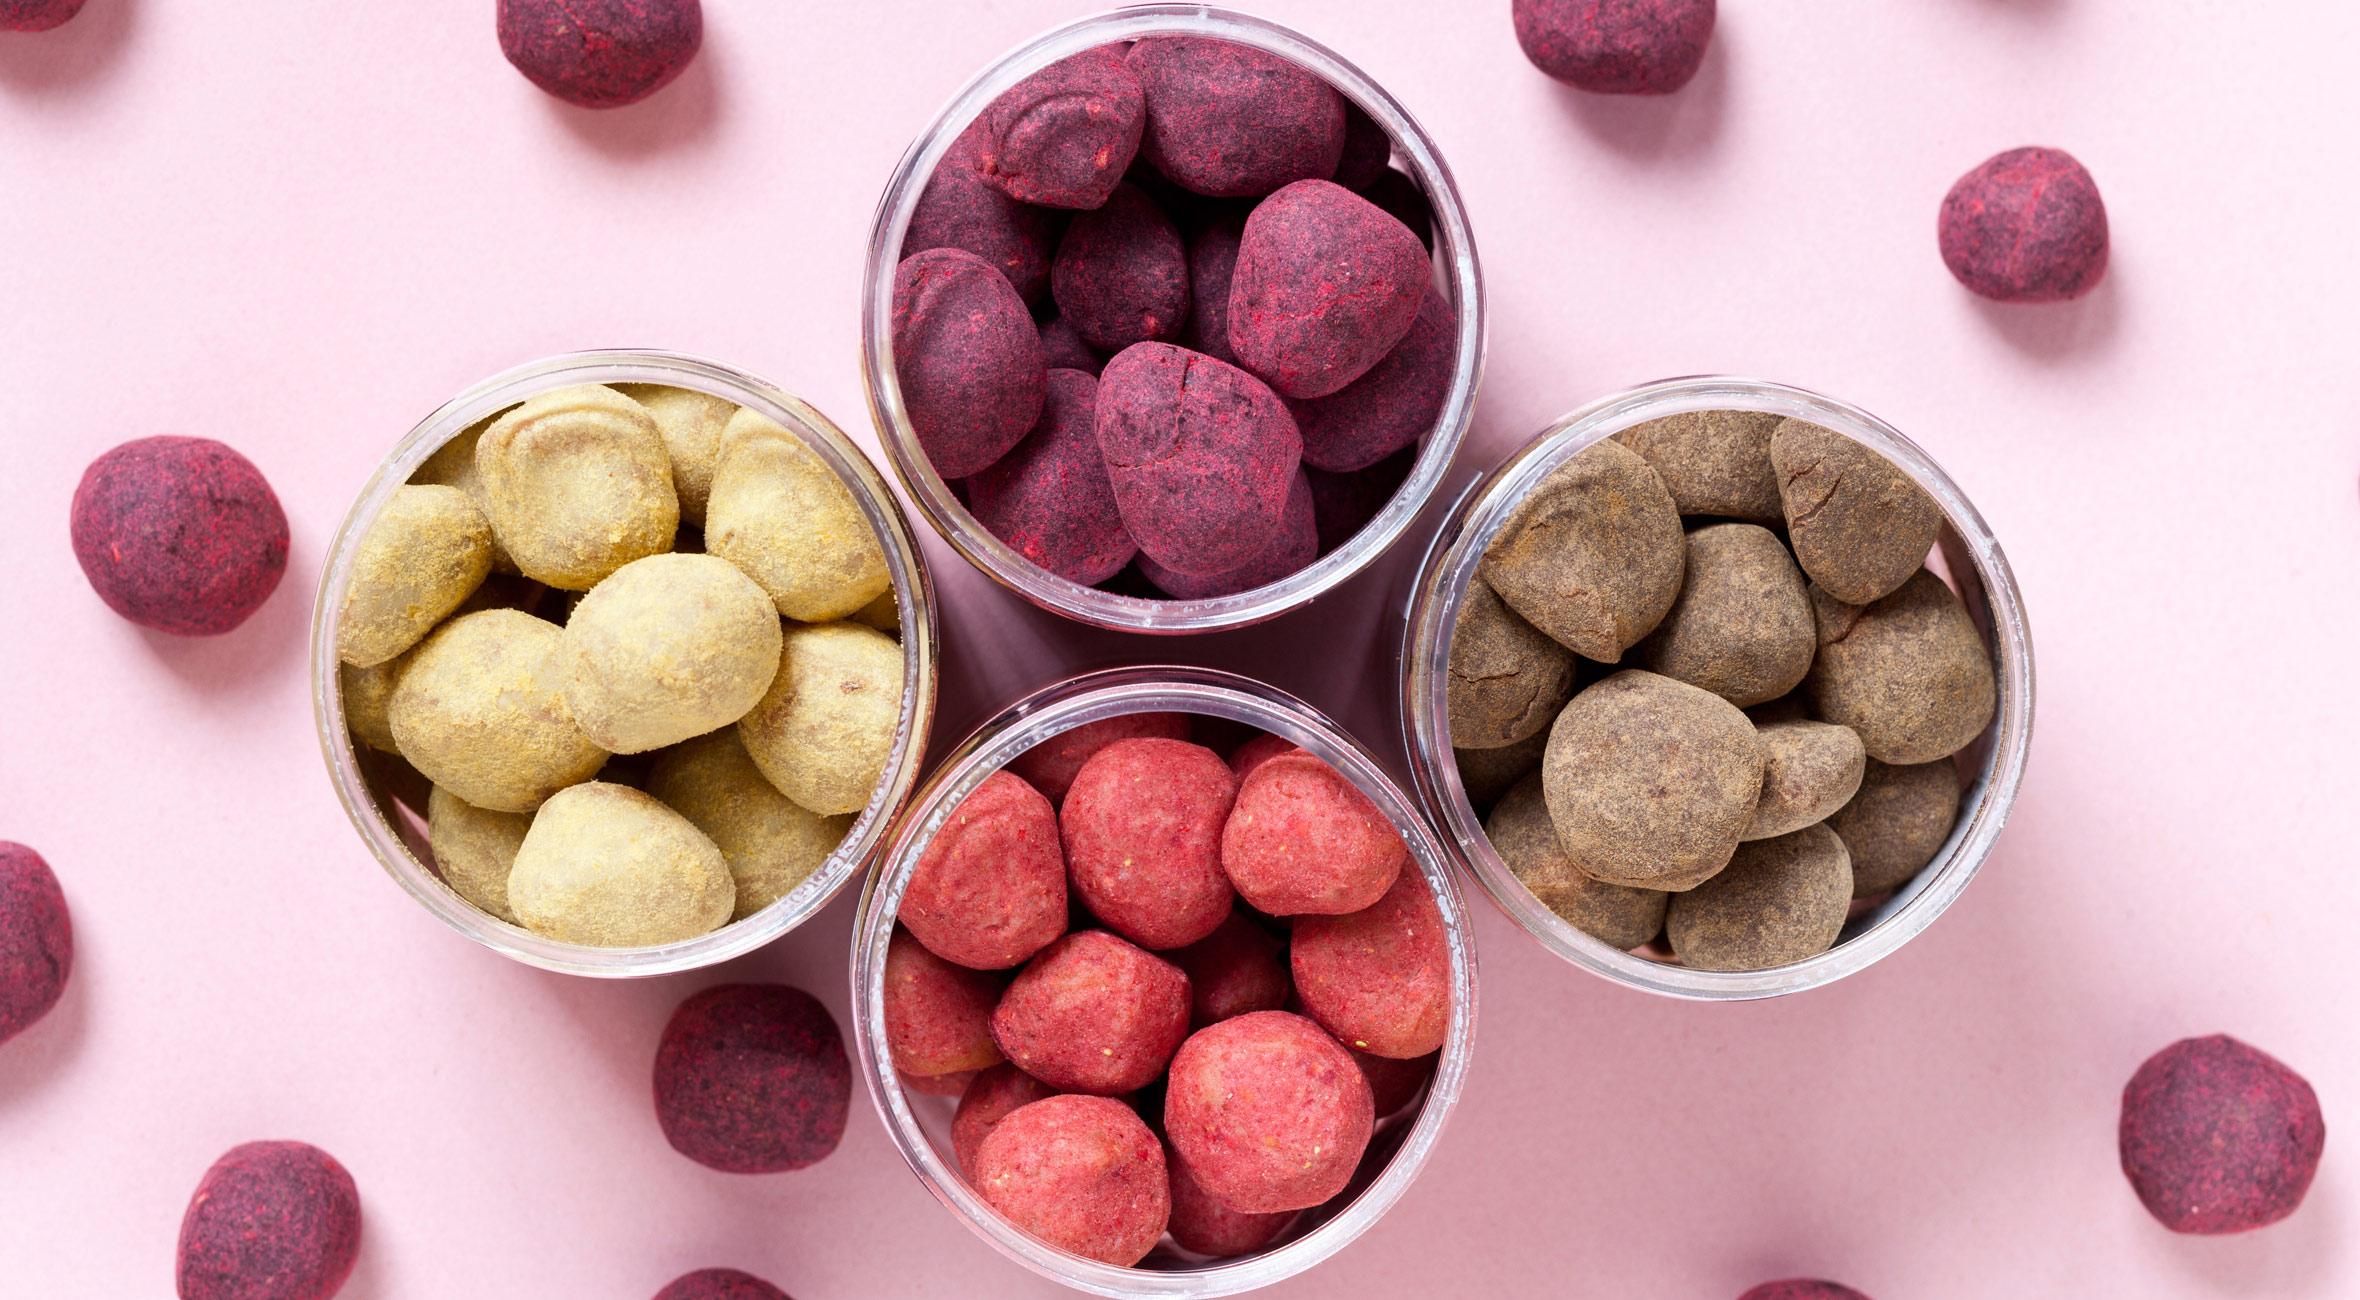 Frit valg til alt hos Karamelleriet i Jægersborggade – Få alt fra håndlavede karameller overtrukket med chokolade til flødekarameller med mint og lakrids